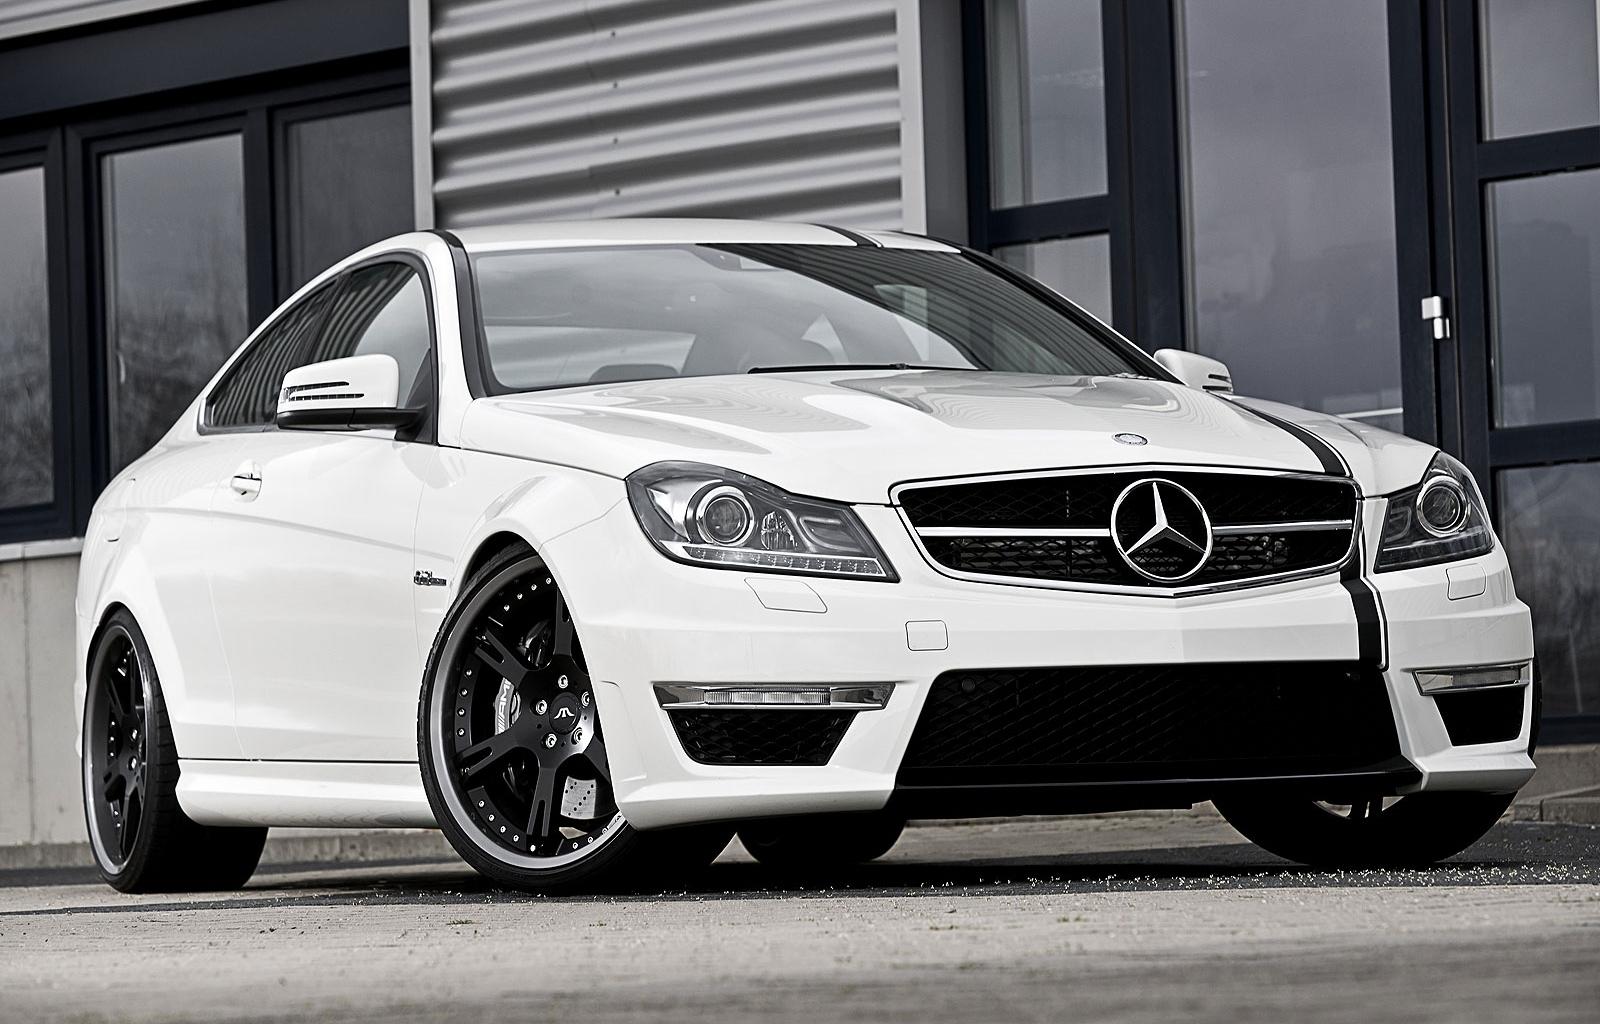 47668 скачать обои Транспорт, Машины, Мерседес (Mercedes) - заставки и картинки бесплатно